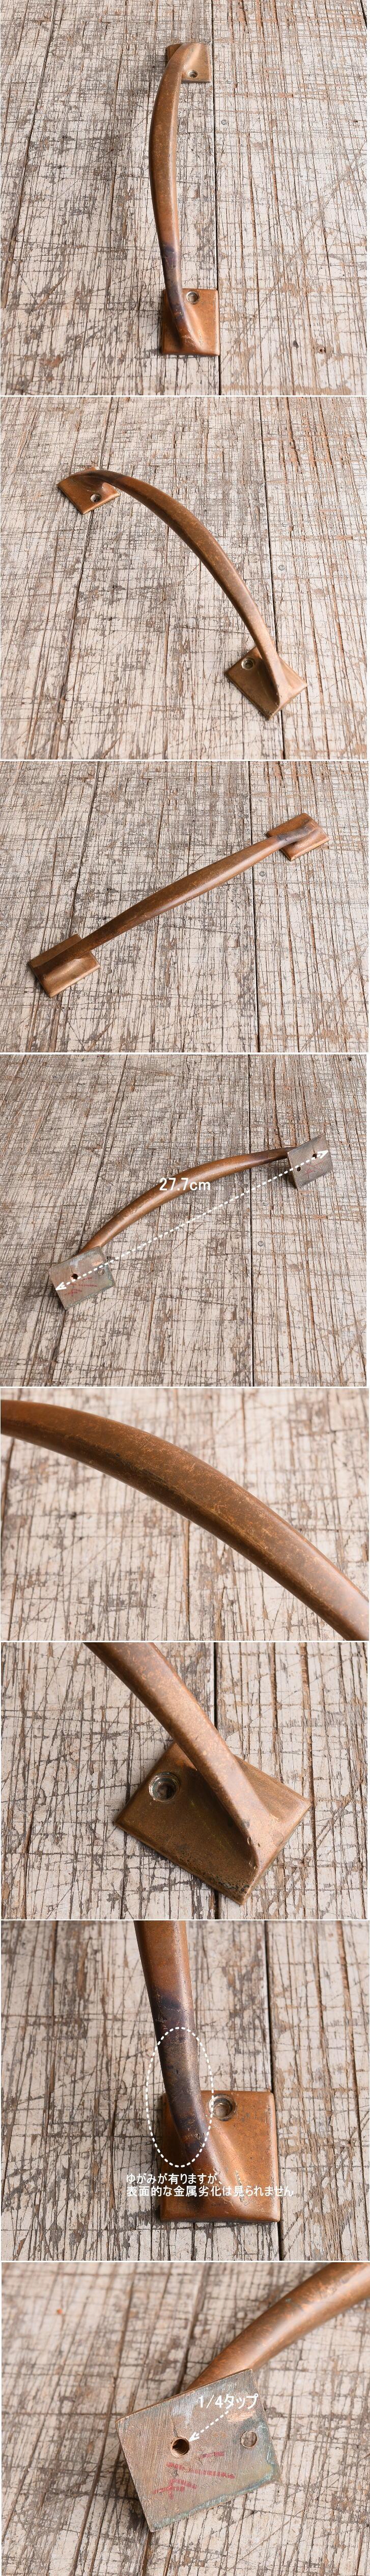 イギリス アンティーク 真鍮 ドアハンドル 建具金物 取っ手 10262